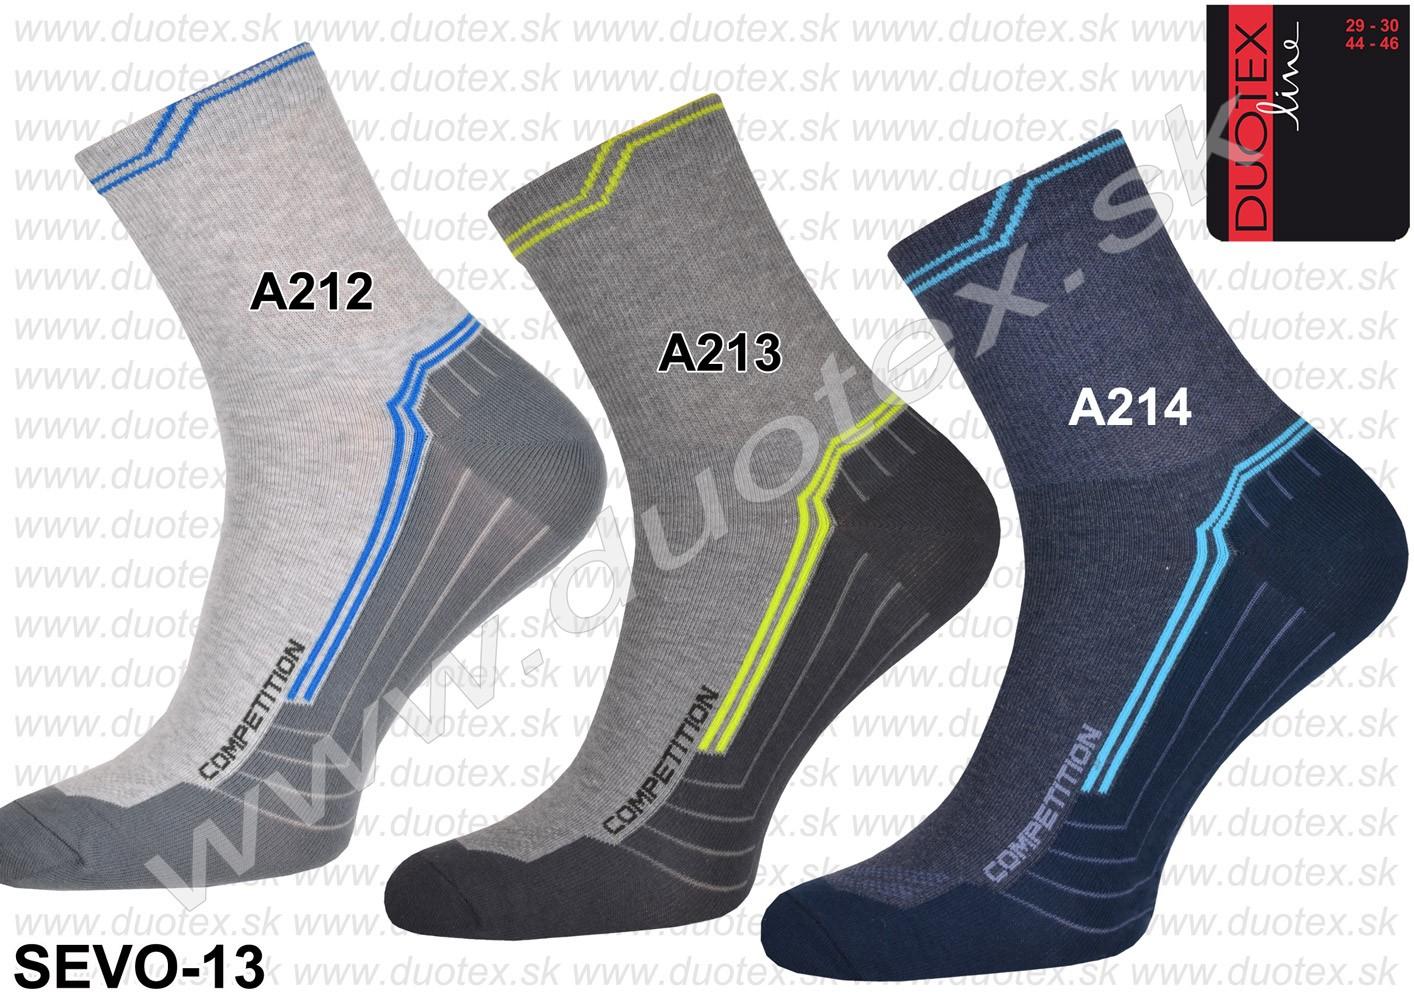 ae8514fd1 pánske športové elastické vzorované ponožky s nižším lýtkom